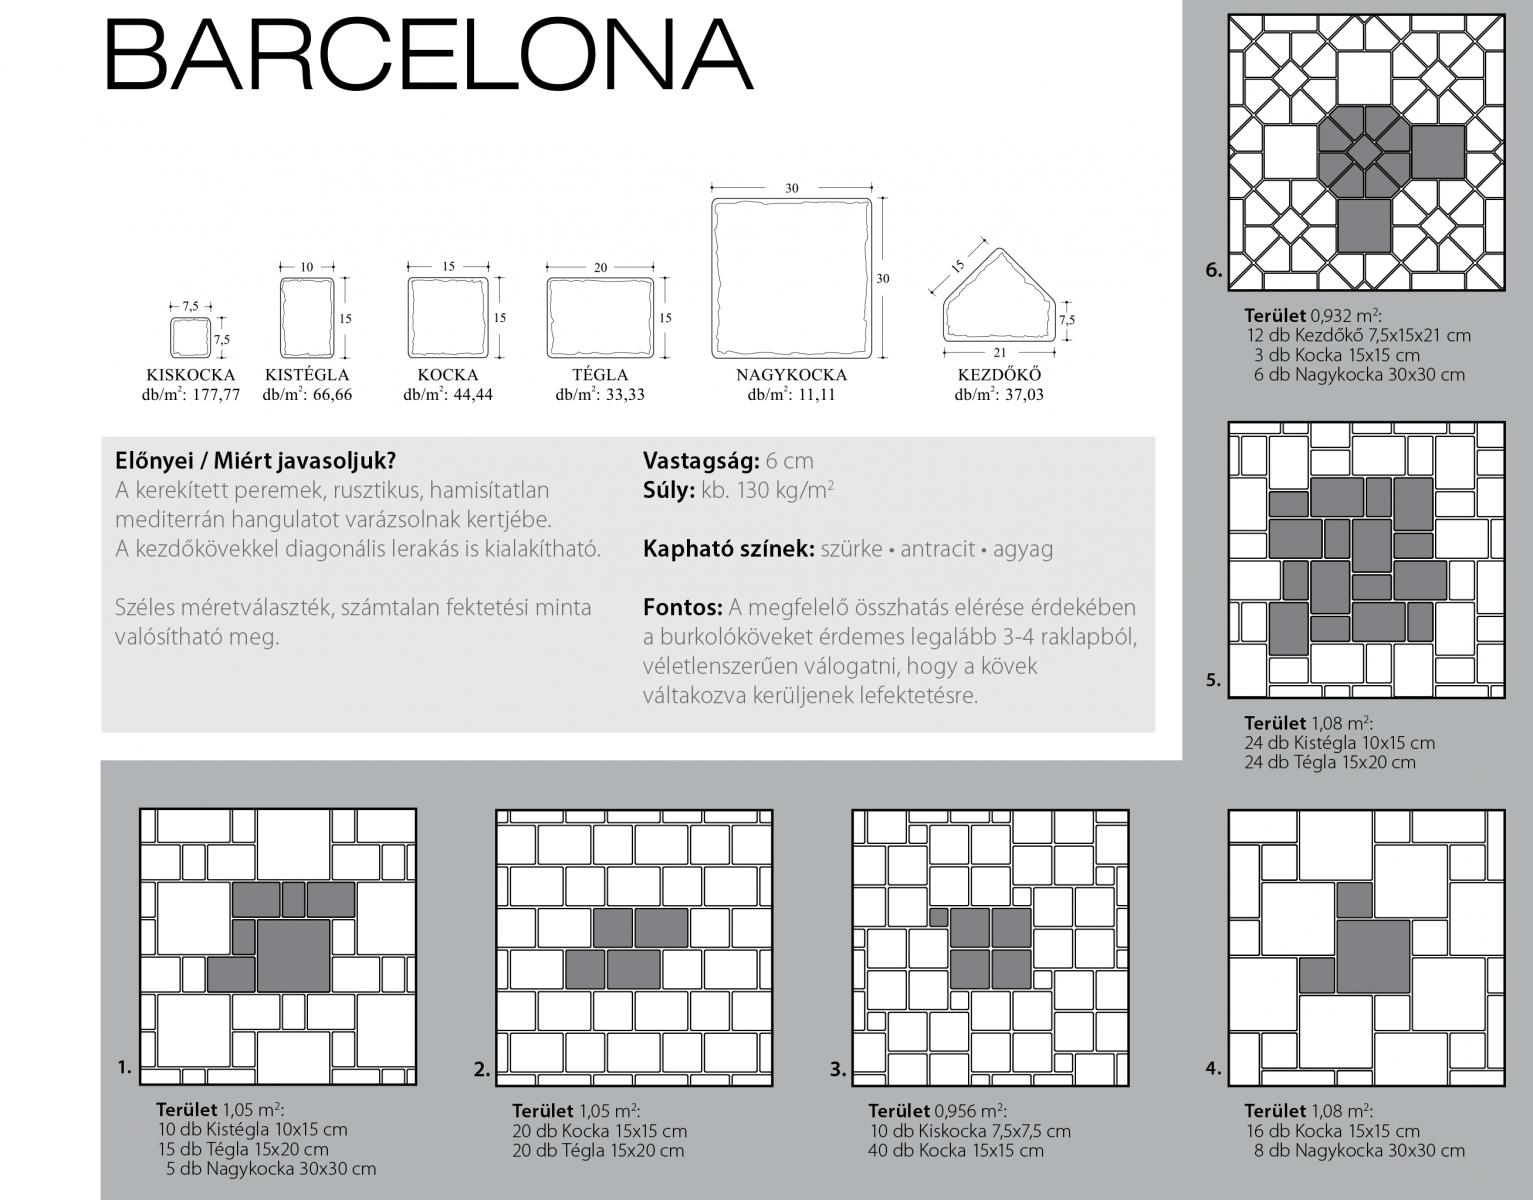 Barcelona technikai információi